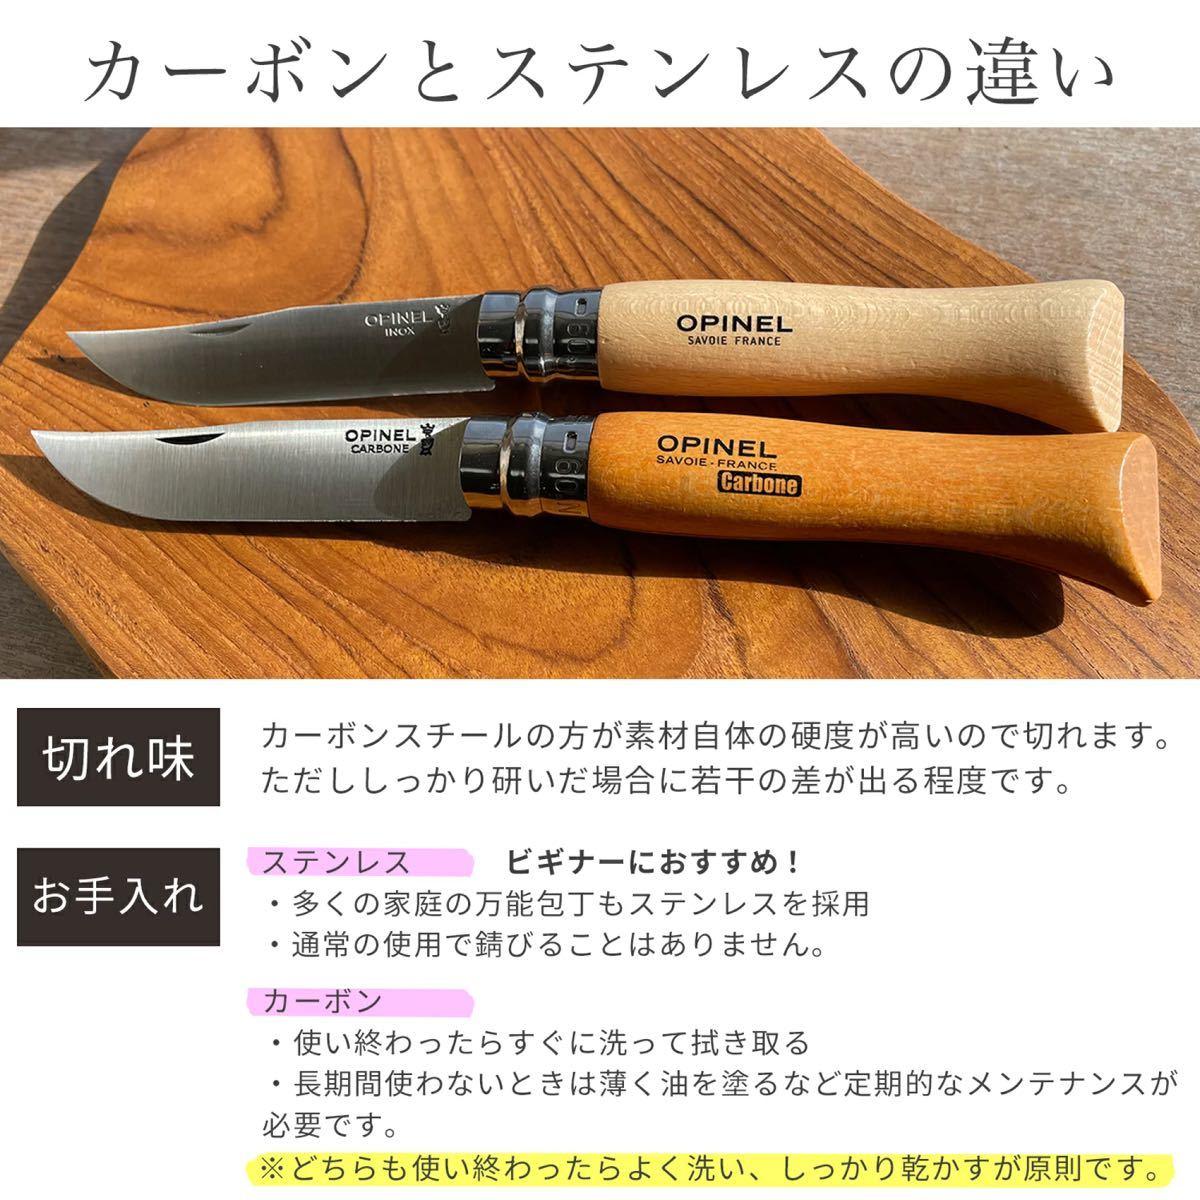 オピネルナイフ #7 8cm  新品 ソロキャンプに オススメ OPINEL KNIFE